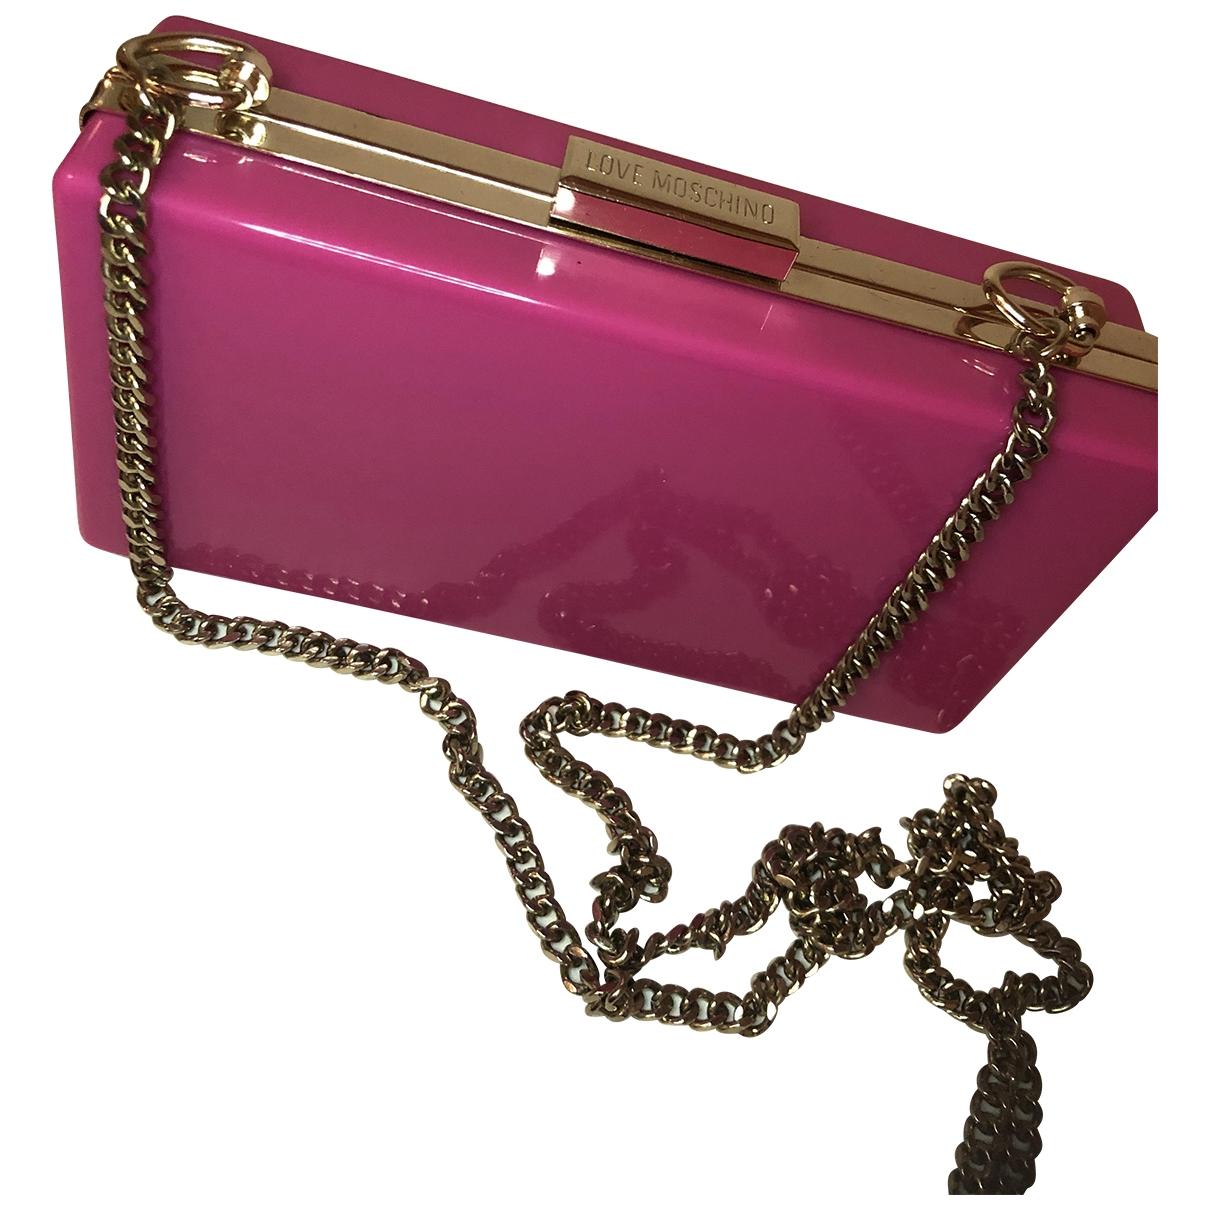 Bolsos clutch en Plastico Rosa Moschino Love